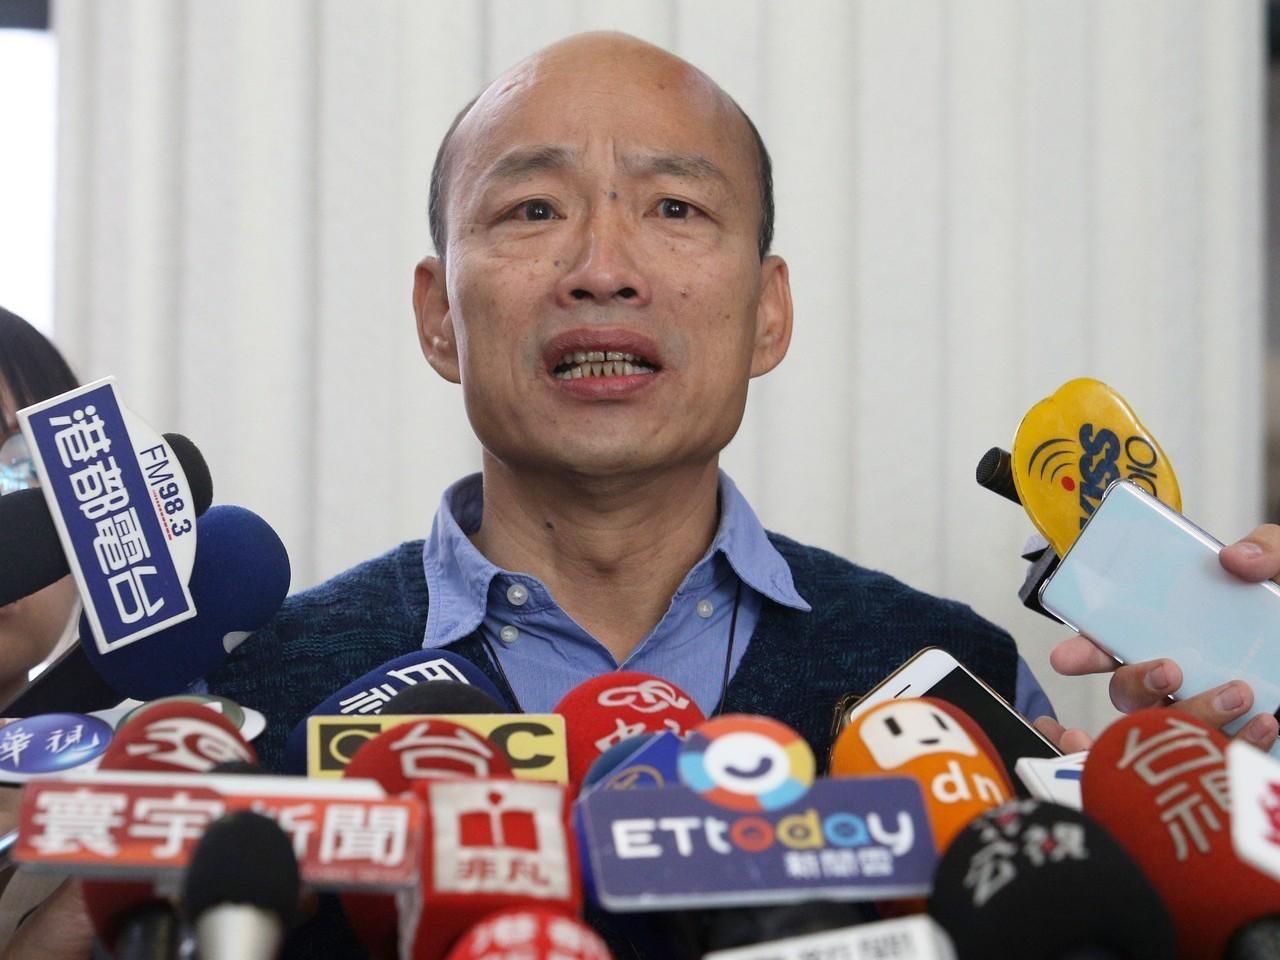 高雄市長韓國瑜每天面對綠議員質詢和媒體追問,彷彿陷入「鯊魚困境」,當議題越拋越多...